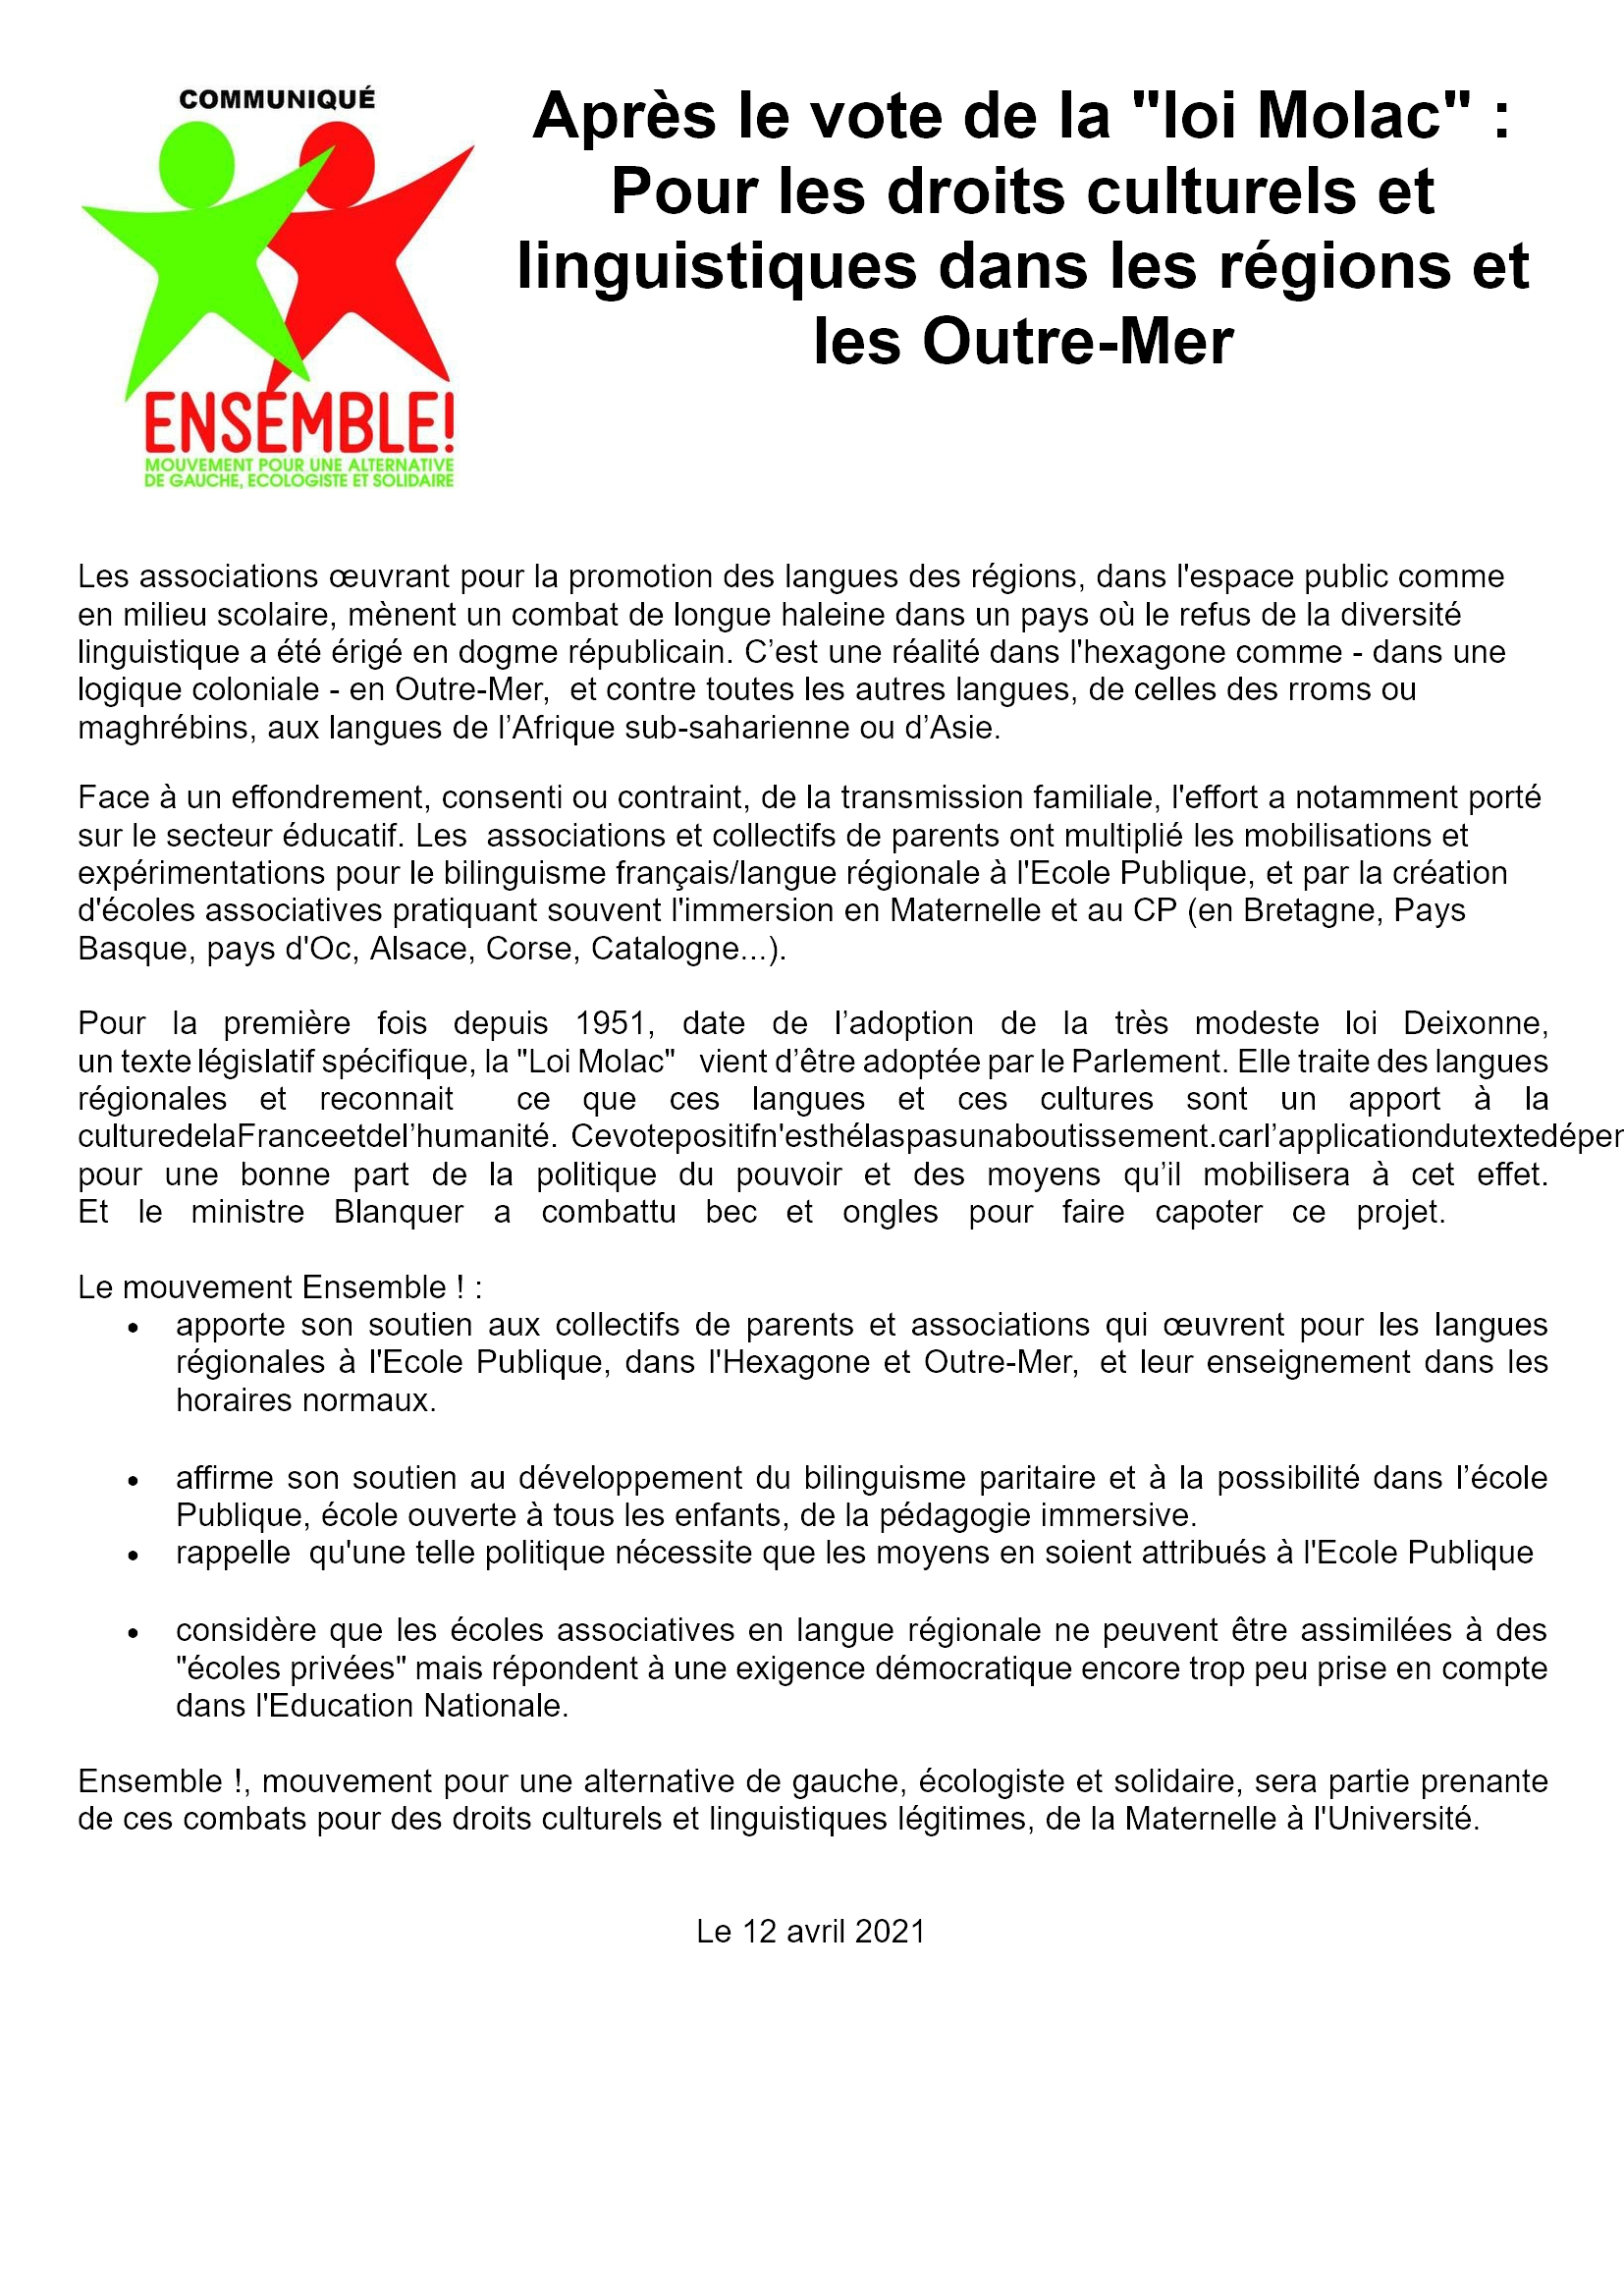 Communiqué d'Ensemble! : Après le vote de la loi Molac